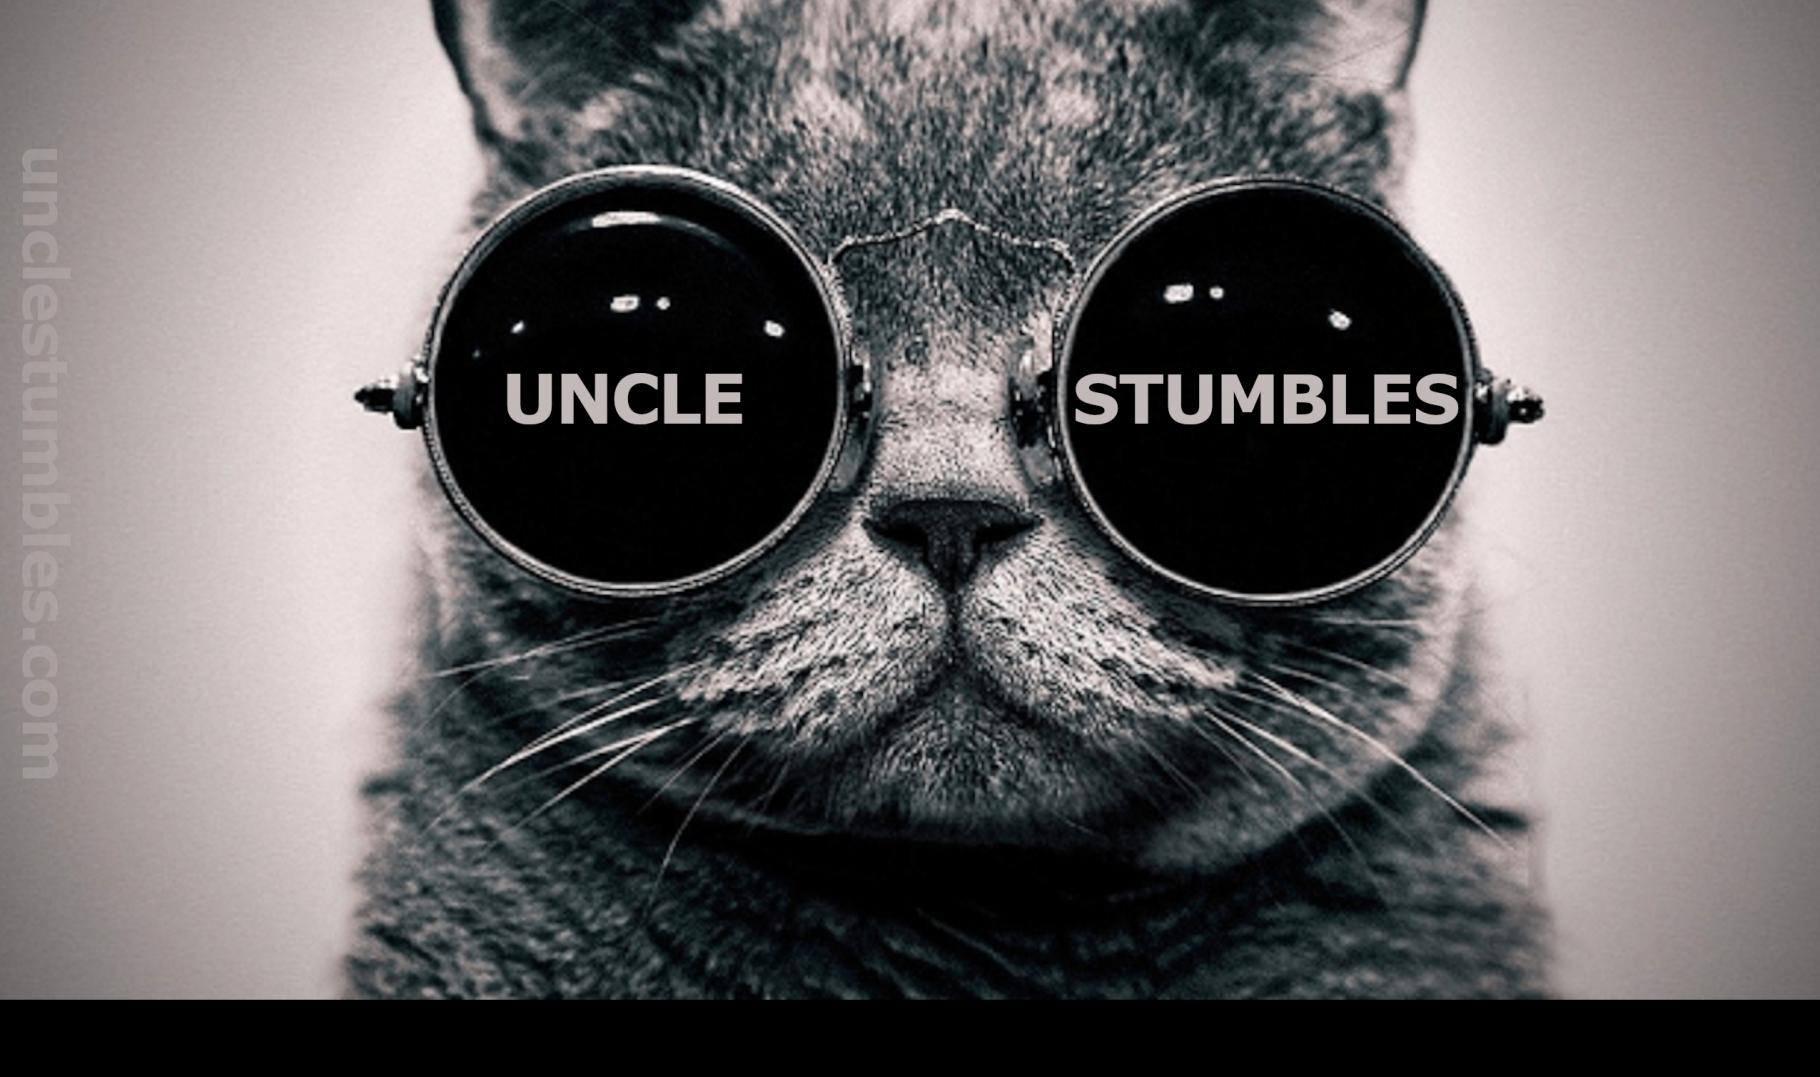 uncle stumbles